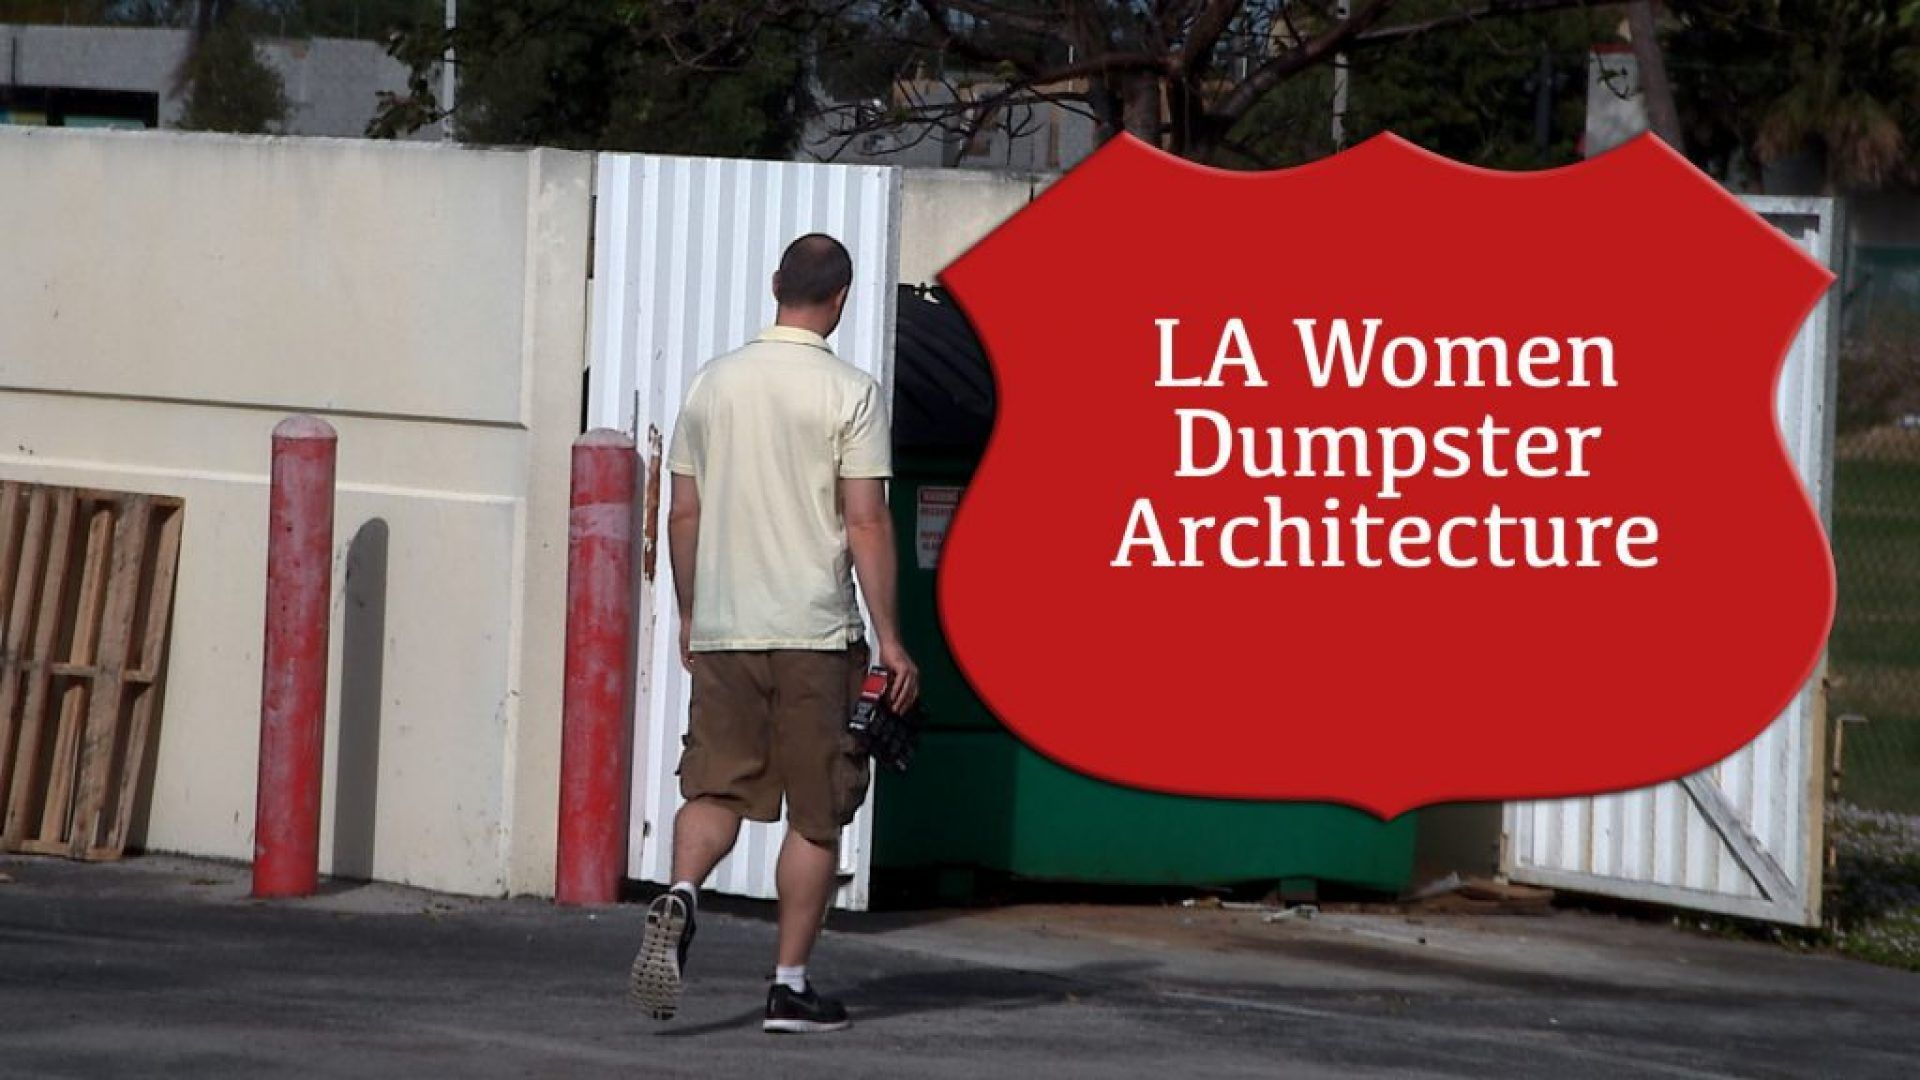 LA Women Dumpster Architecture